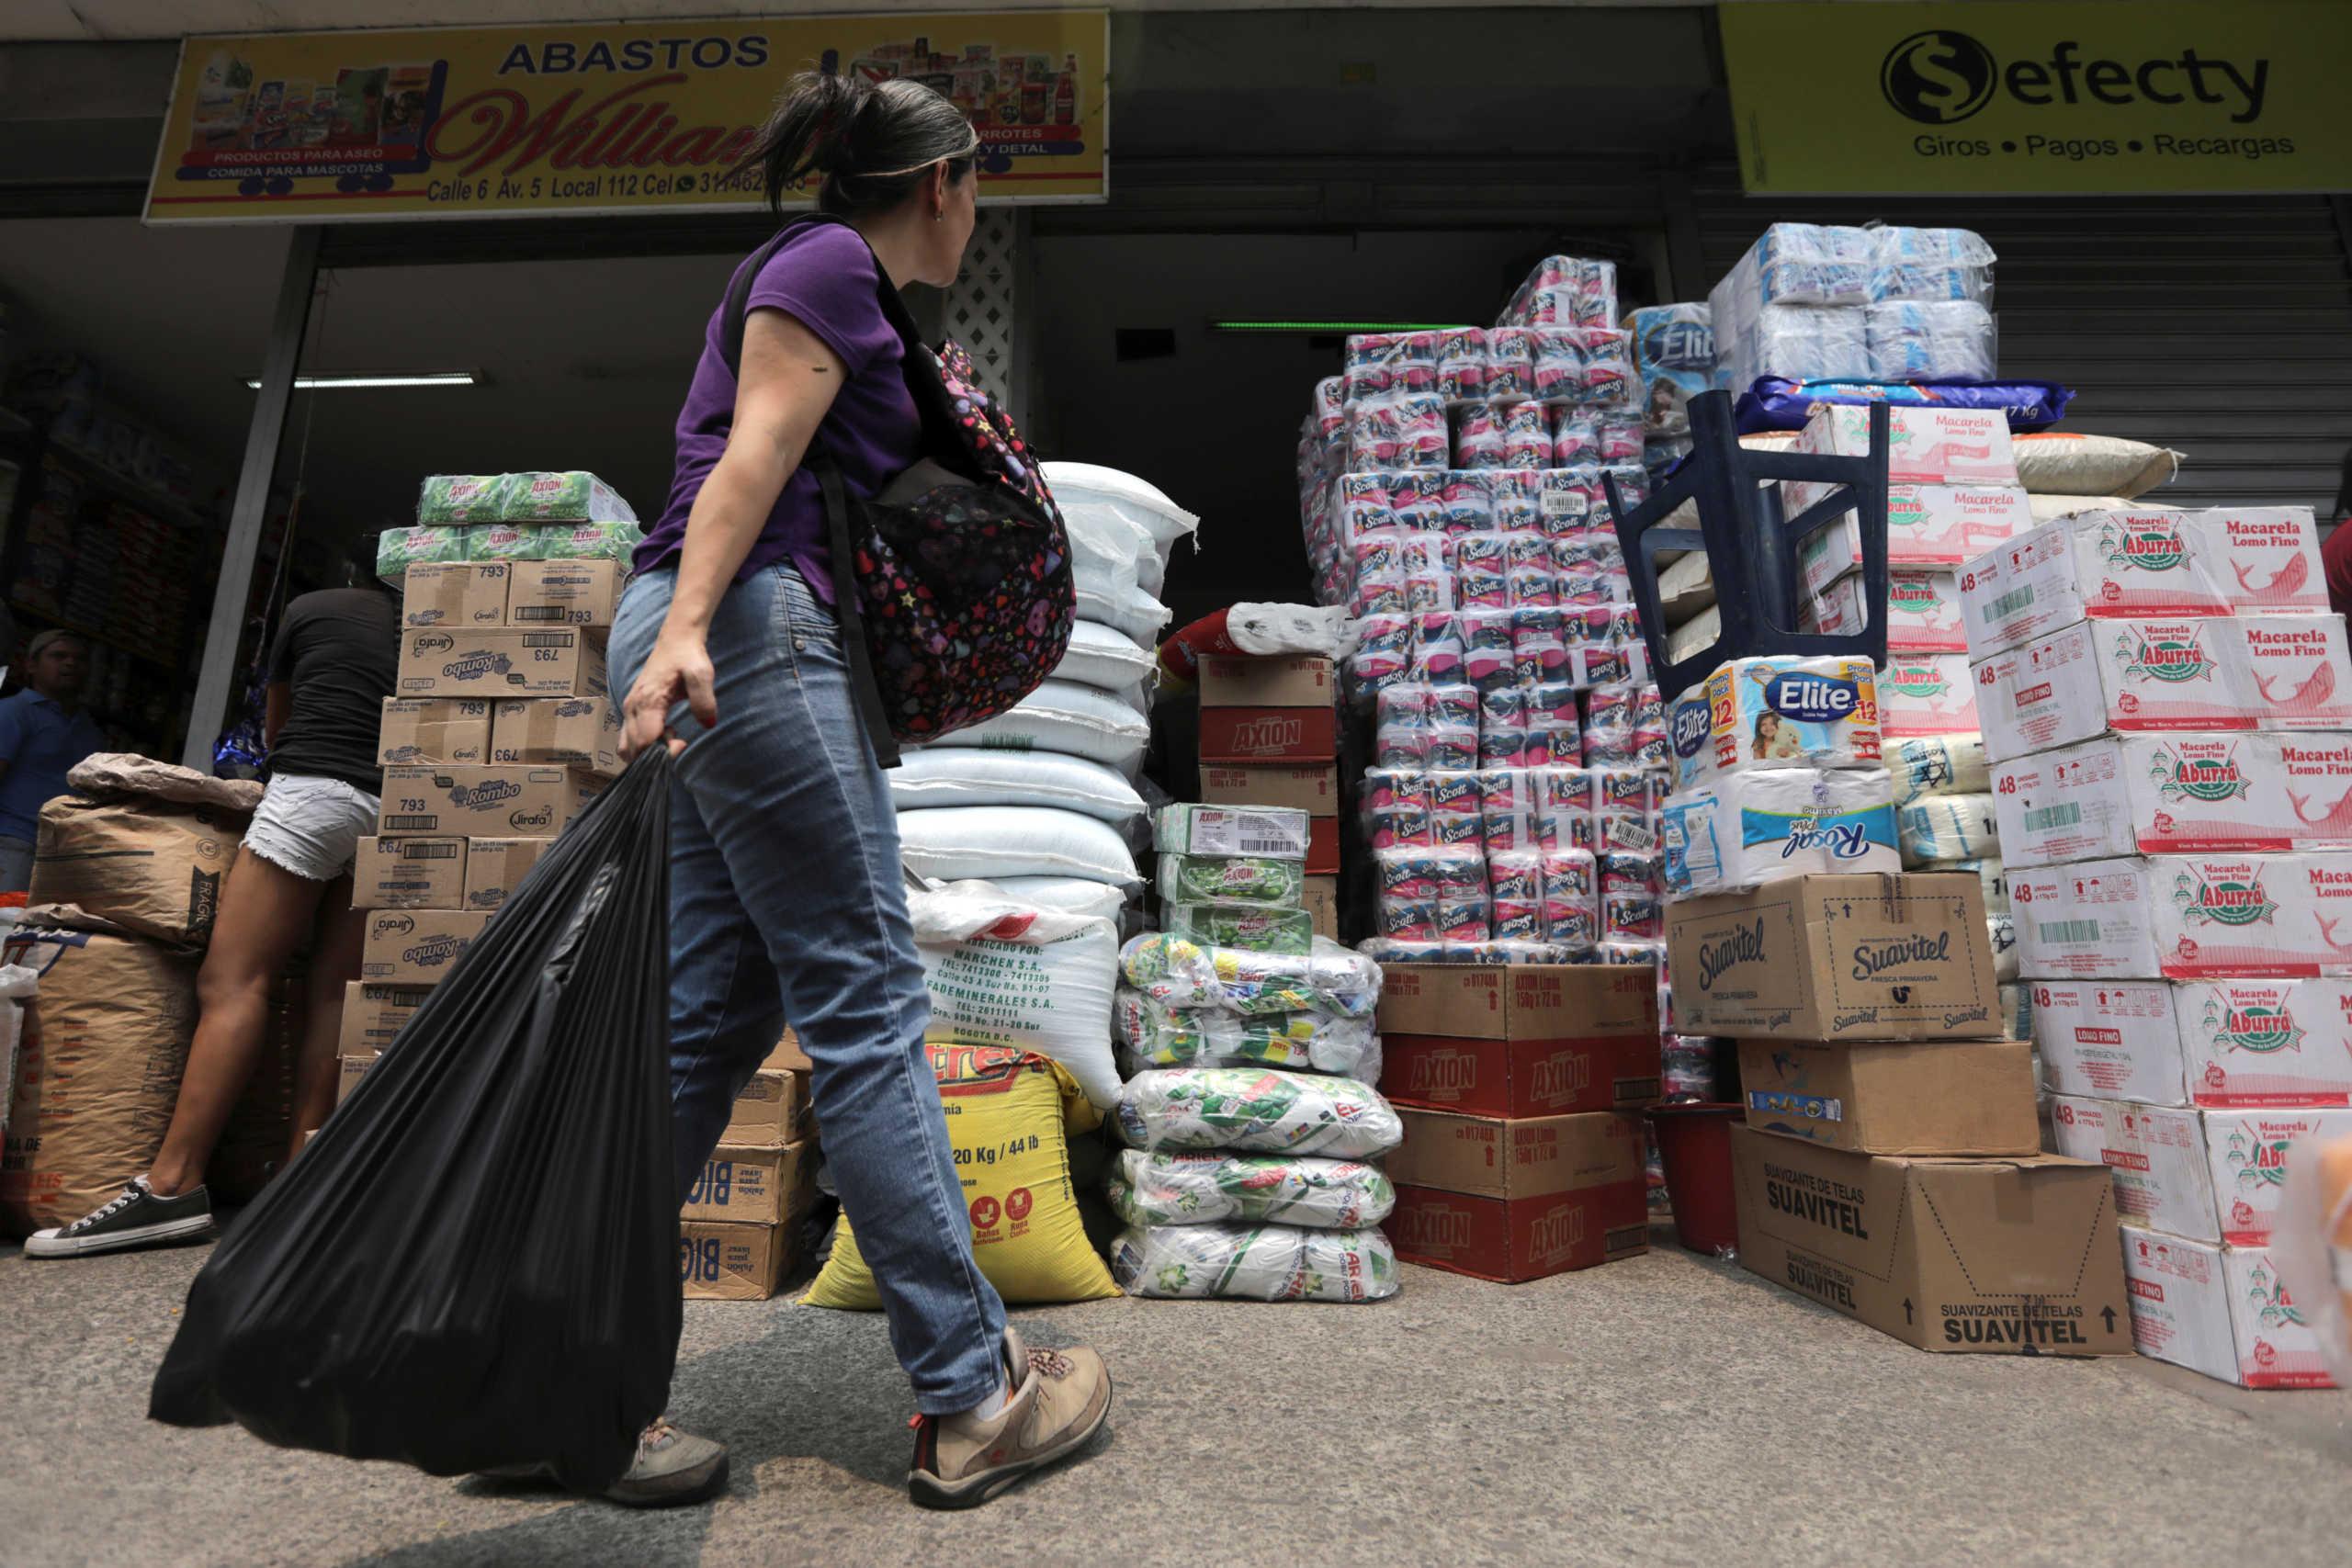 Μπογκοτά: Οι γυναίκες – θύματα ενδοοικογενειακής βίας θα απευθύνονται στα… σούπερ μάρκετ